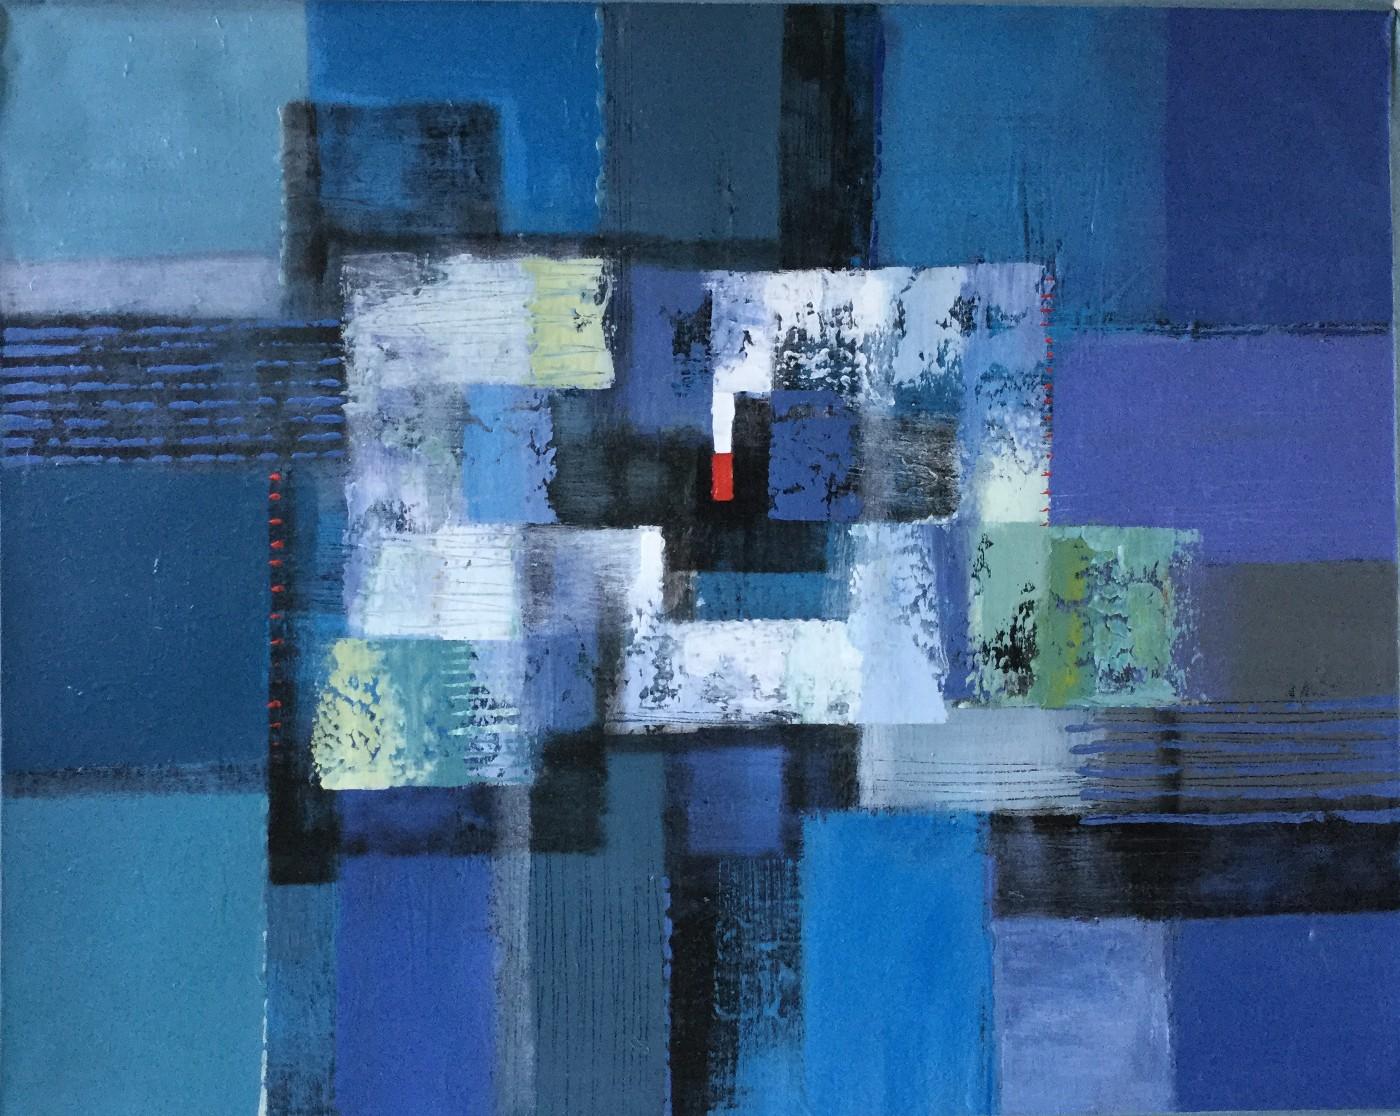 Abstrakte Komposition auf Blau mit rotem Viereck (4)